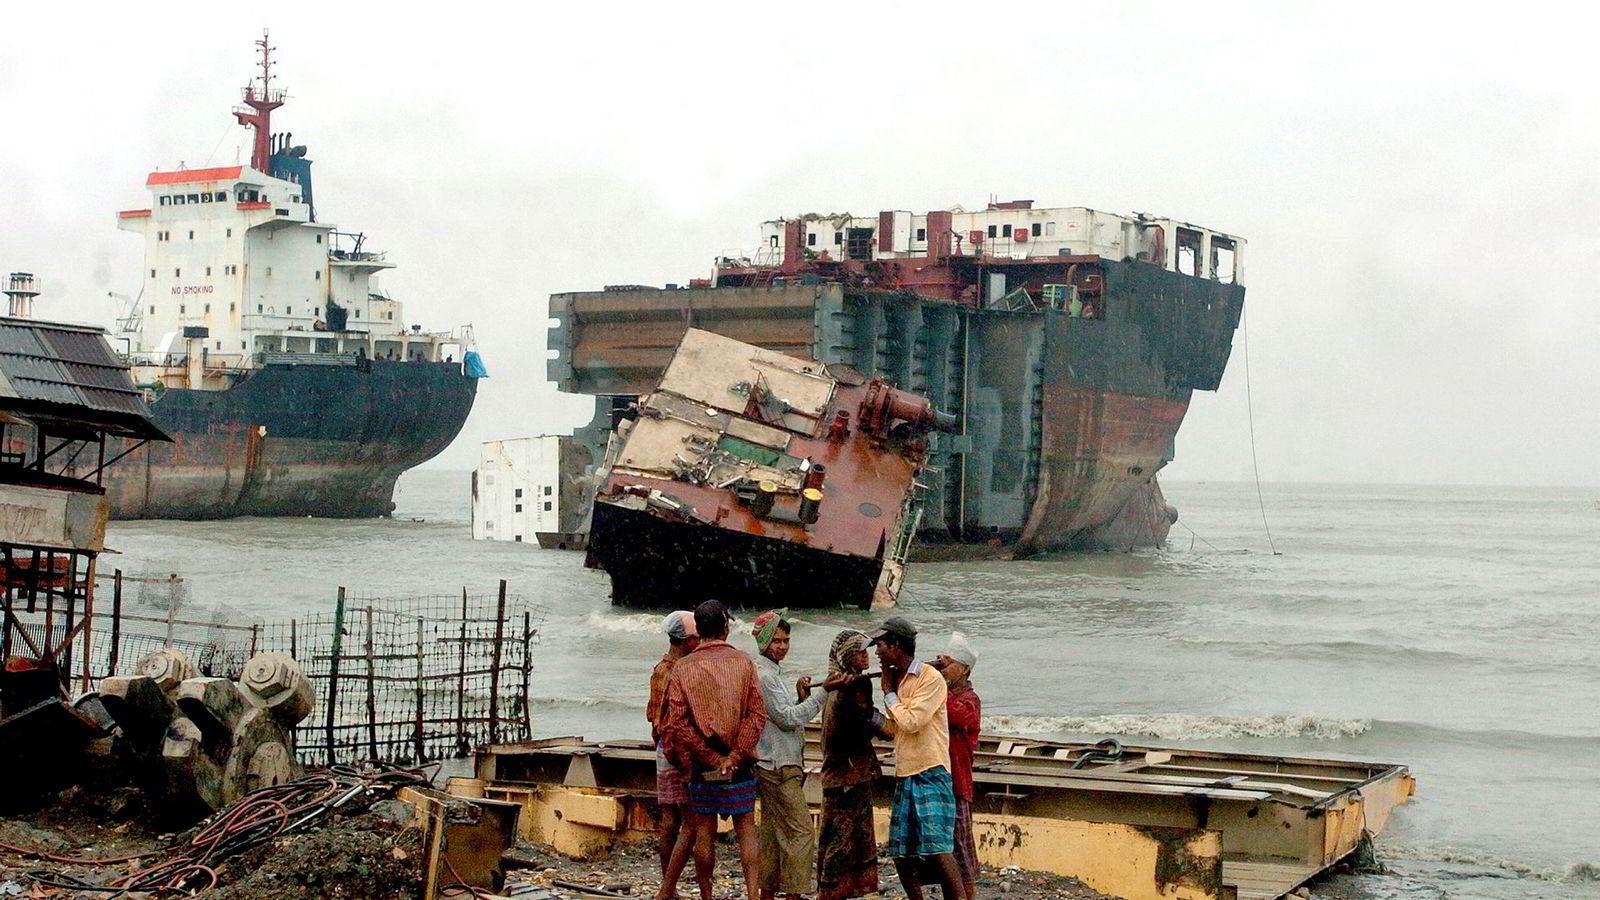 Det stilles stadig flere og strengere krav til hvordan skip skal resirkuleres. Disse kravene blir ikke bare stilt av banker, investorer og kunder, men kommer også fra rederibedriftene selv, og andre interessenter. På denne måten presses aktører til å skrape skip på en måte som ikke setter liv, helse og miljø i fare. Her fra stranden Chittagong i Bangladesh hvor skip ligger klar til opphugging.